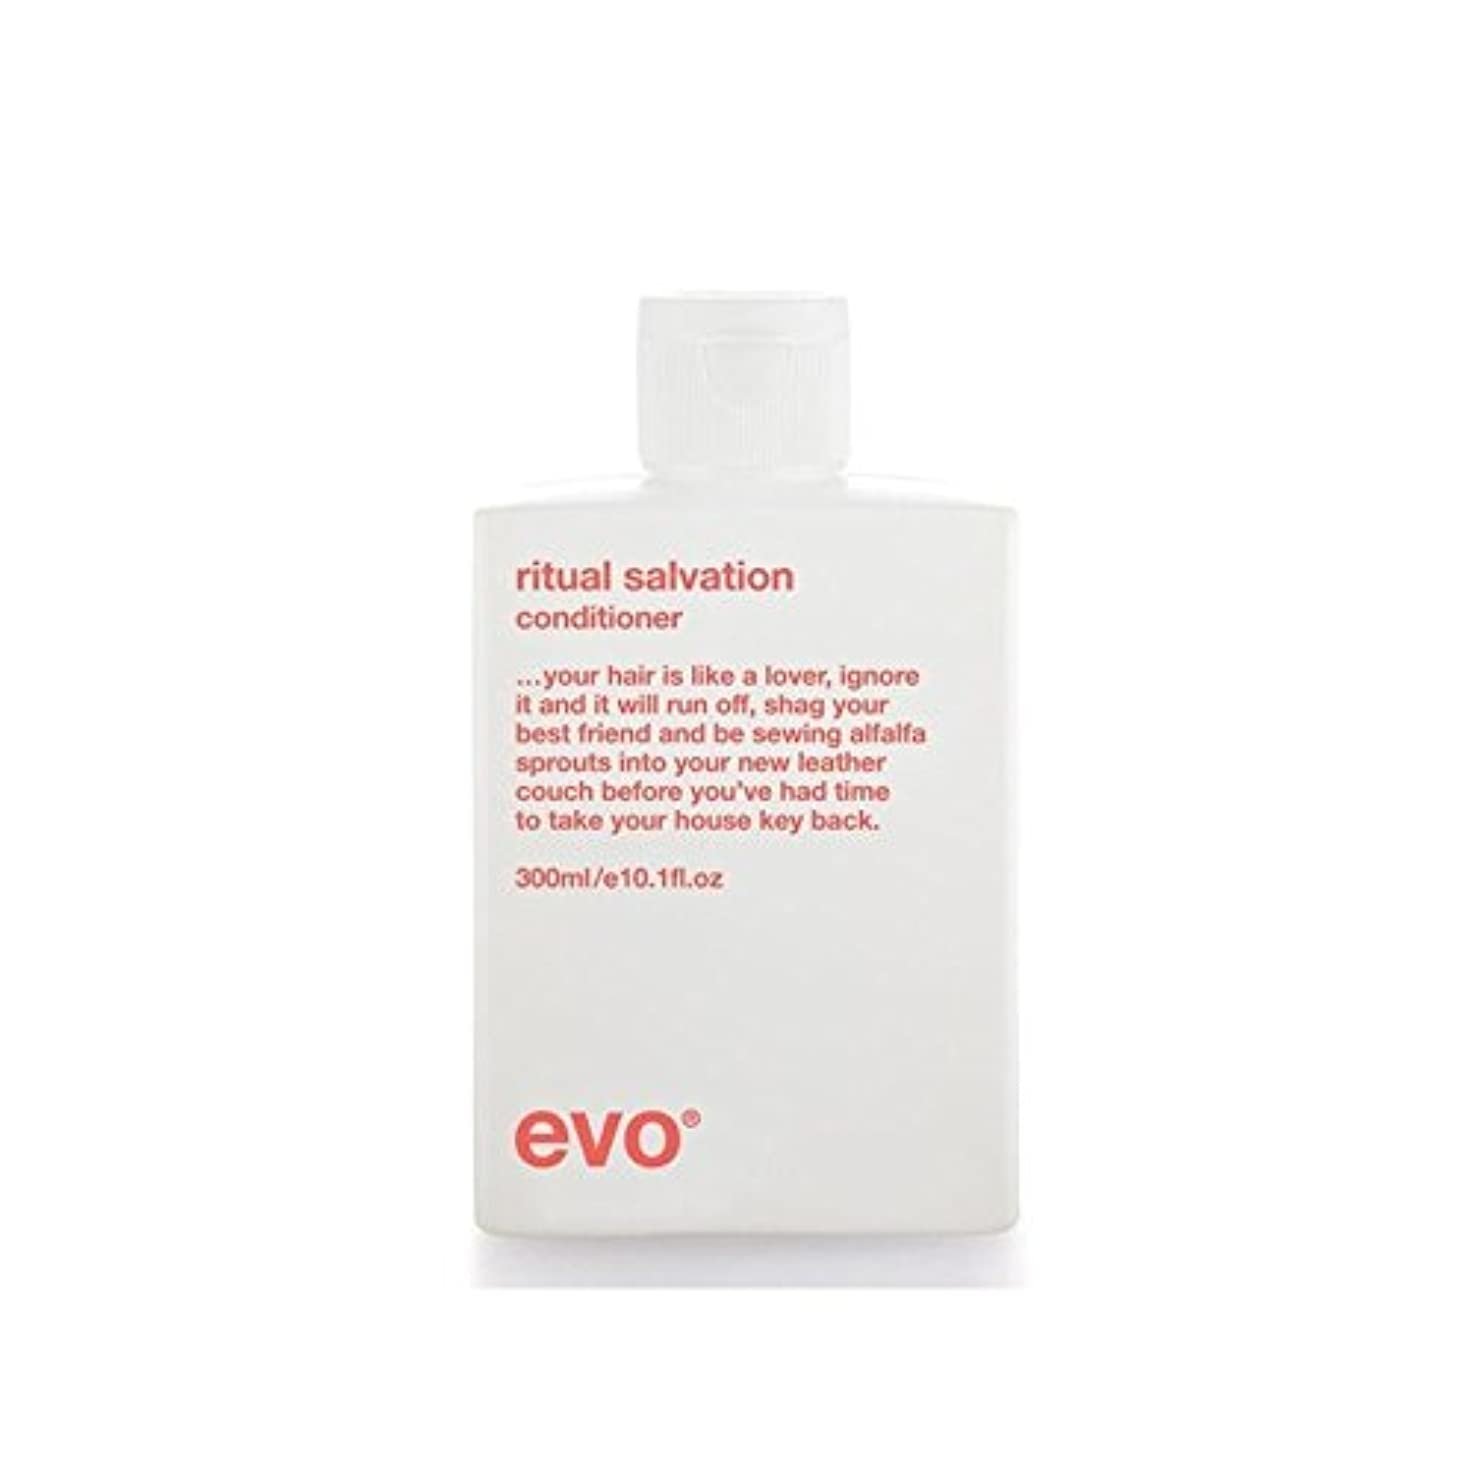 一人で水曜日遠征儀式救いコンディショナー(300ミリリットル) x2 - Evo Ritual Salvation Conditioner (300ml) (Pack of 2) [並行輸入品]